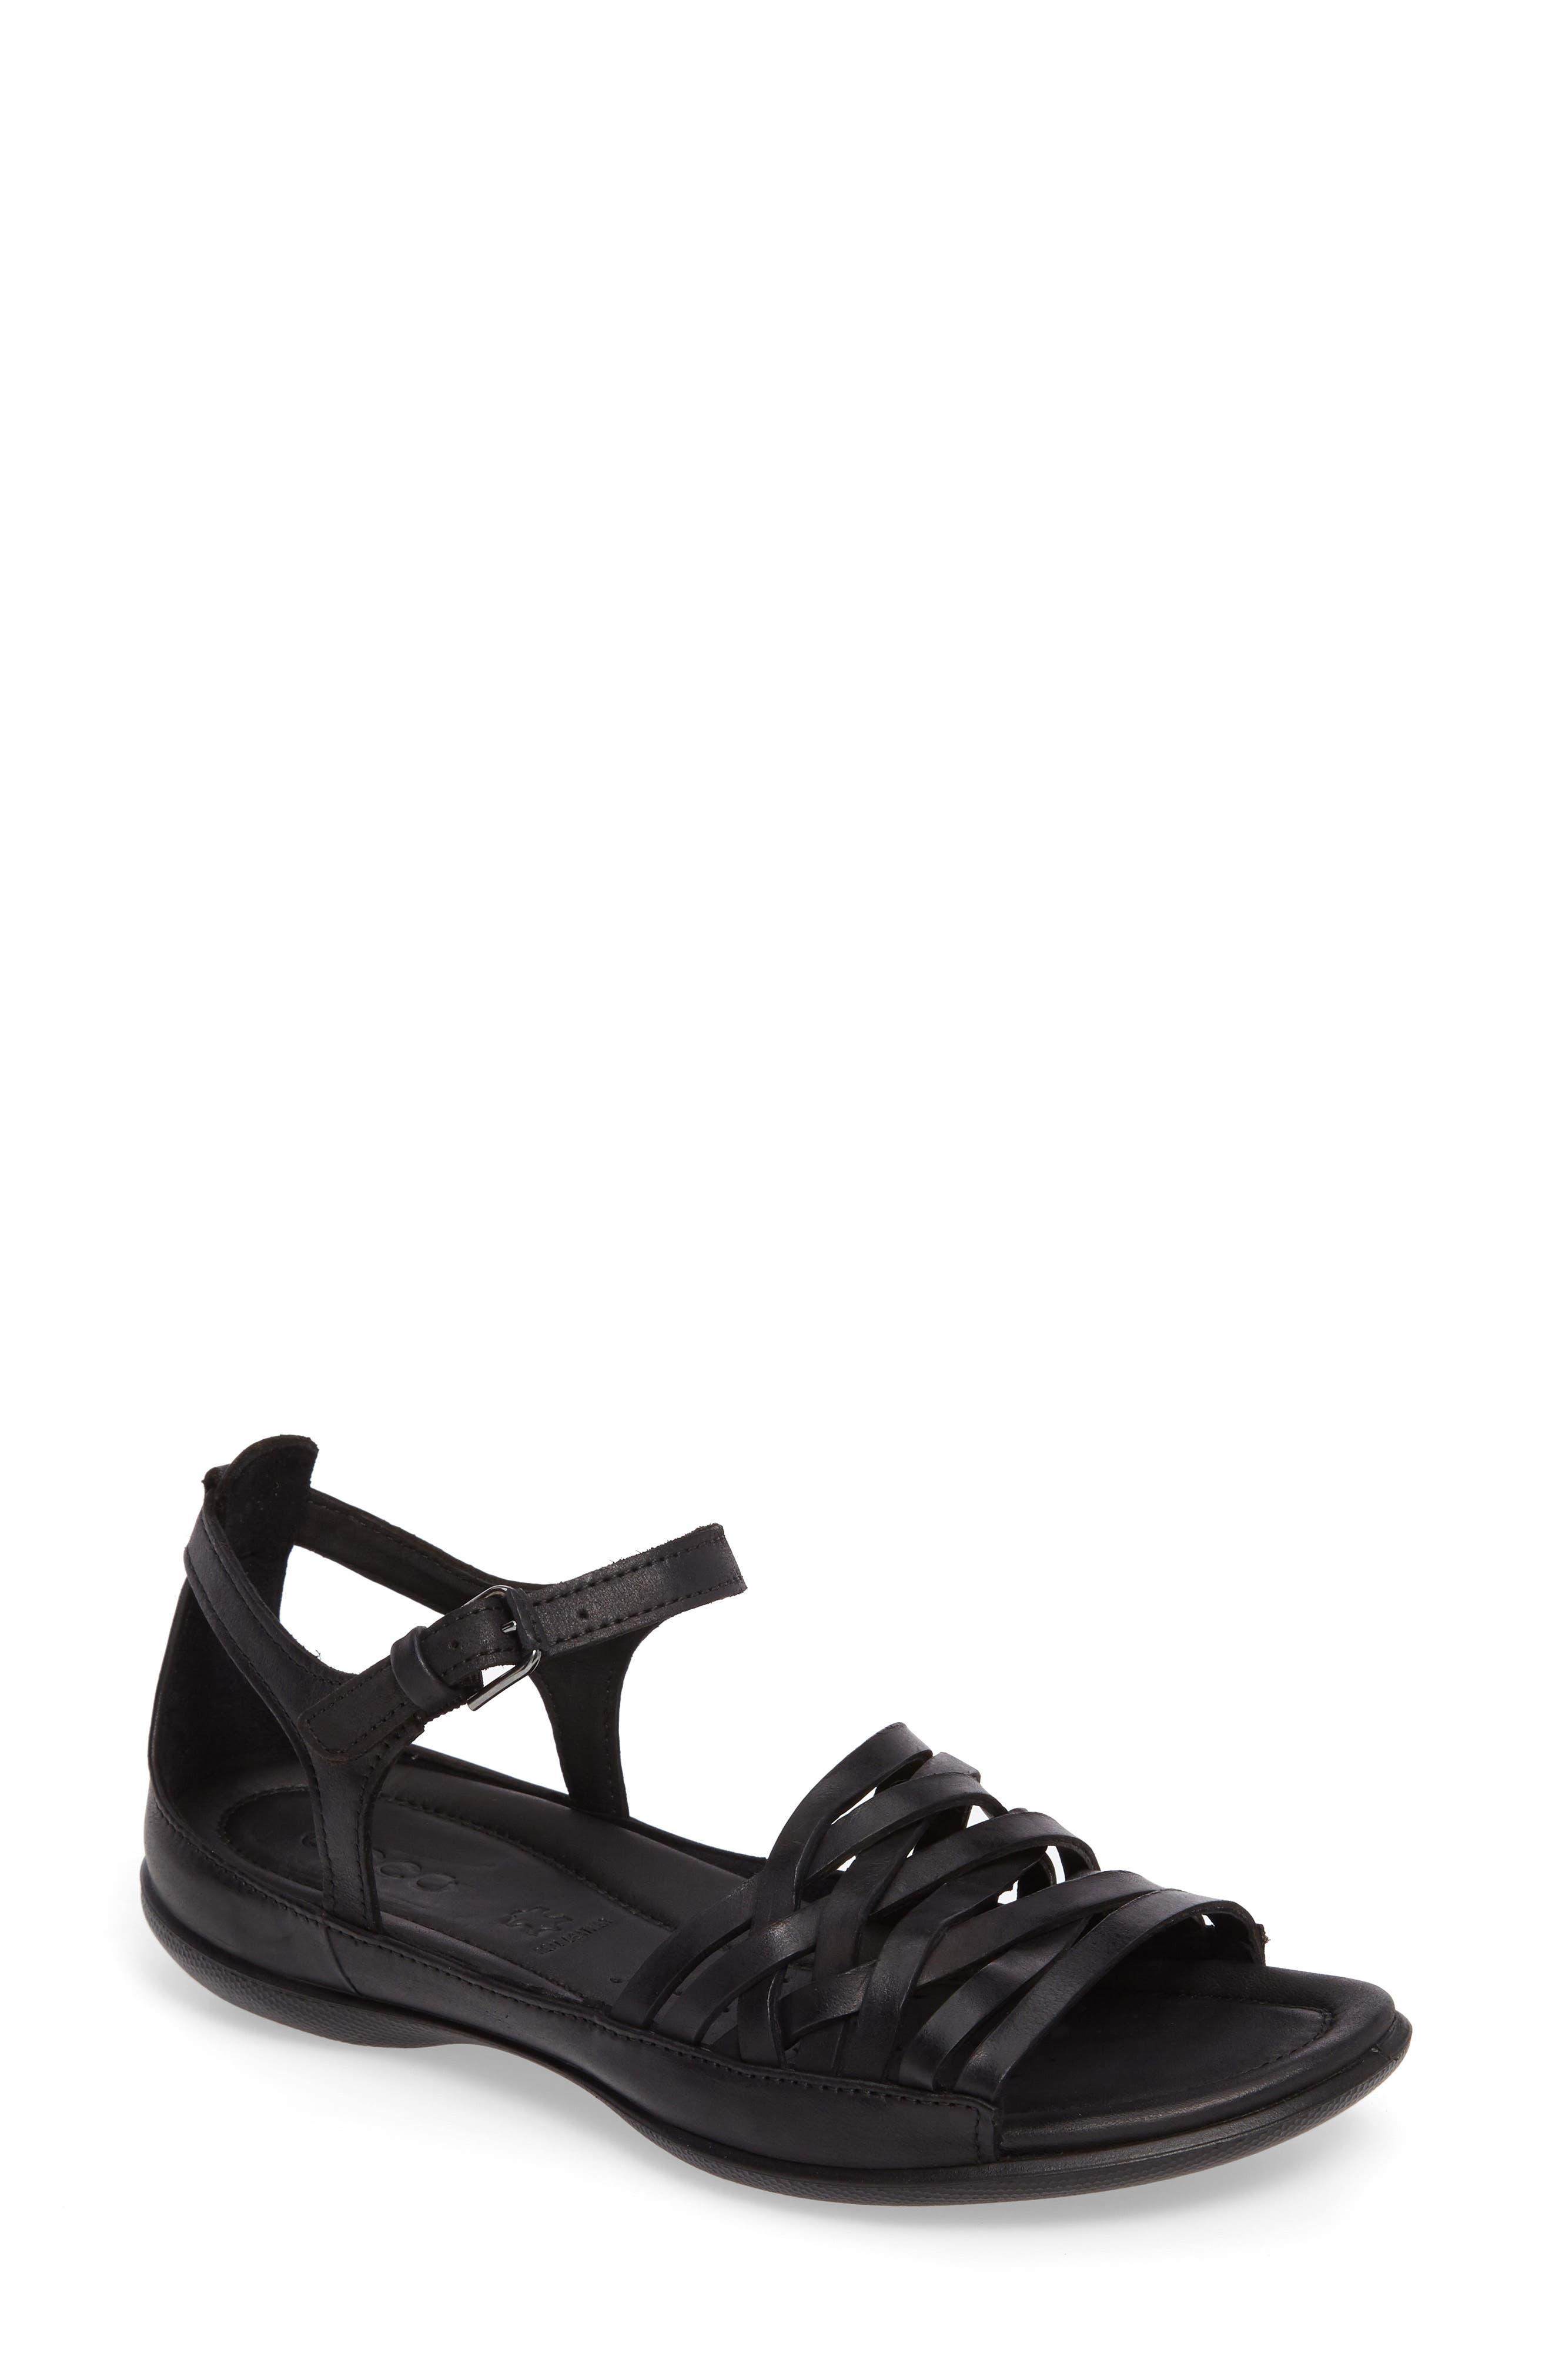 Flash Sandal,                             Main thumbnail 1, color,                             Black Leather